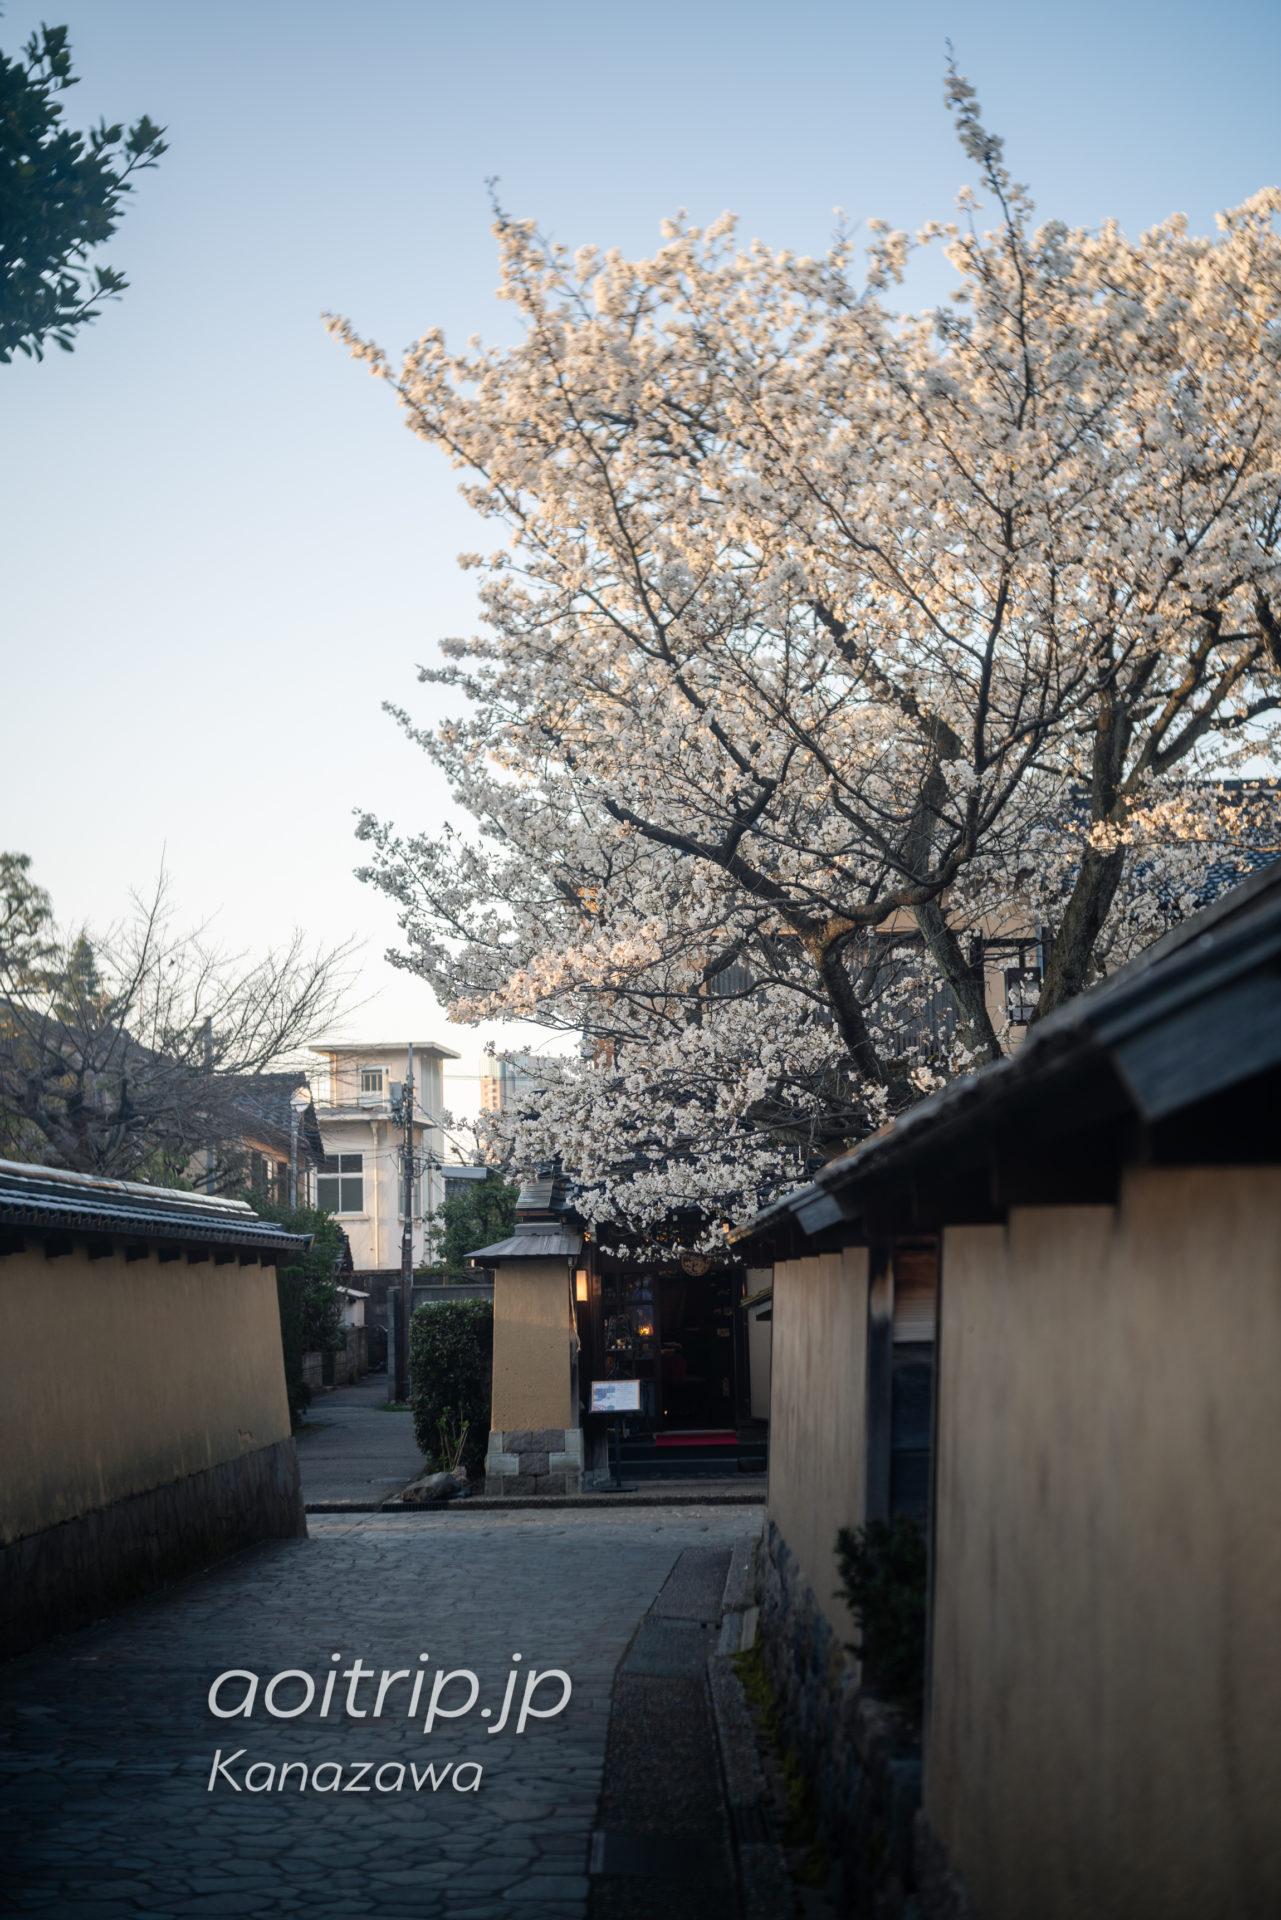 金沢 長町武家屋敷の庭 桜